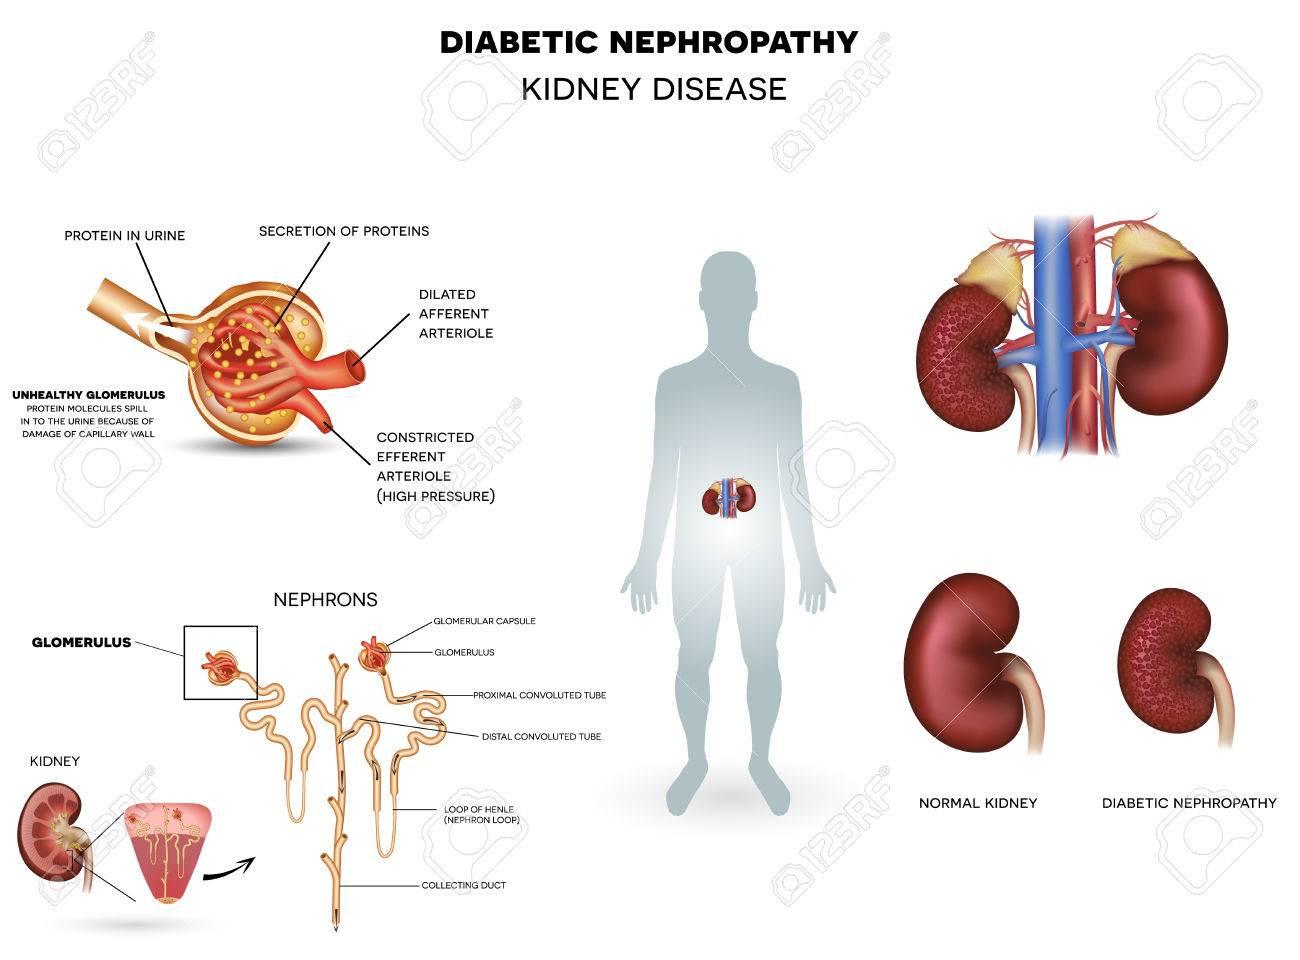 nefropatía hiperoxalúrica en diabetes